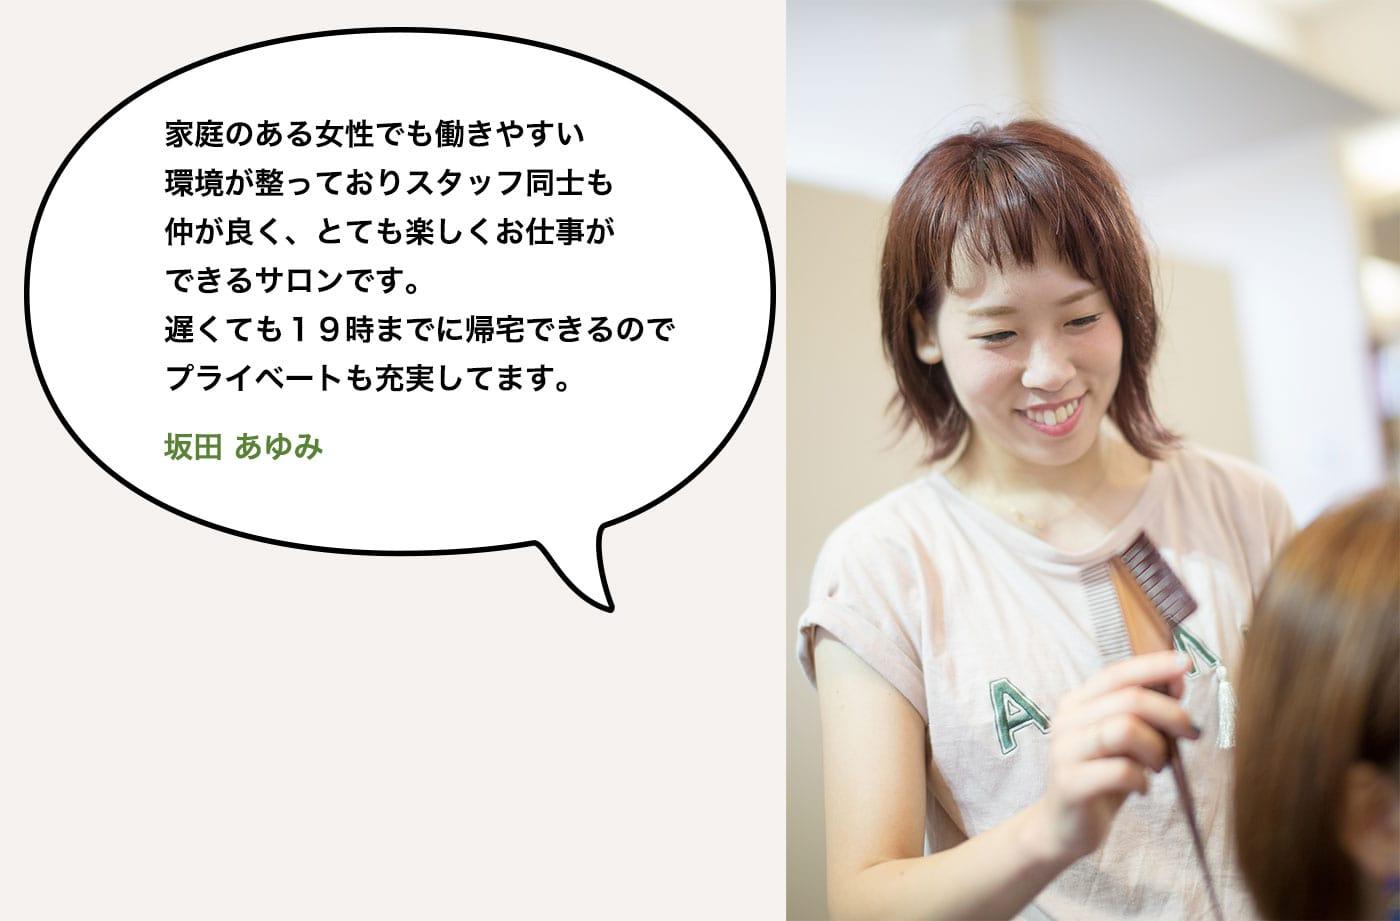 坂田あゆみ